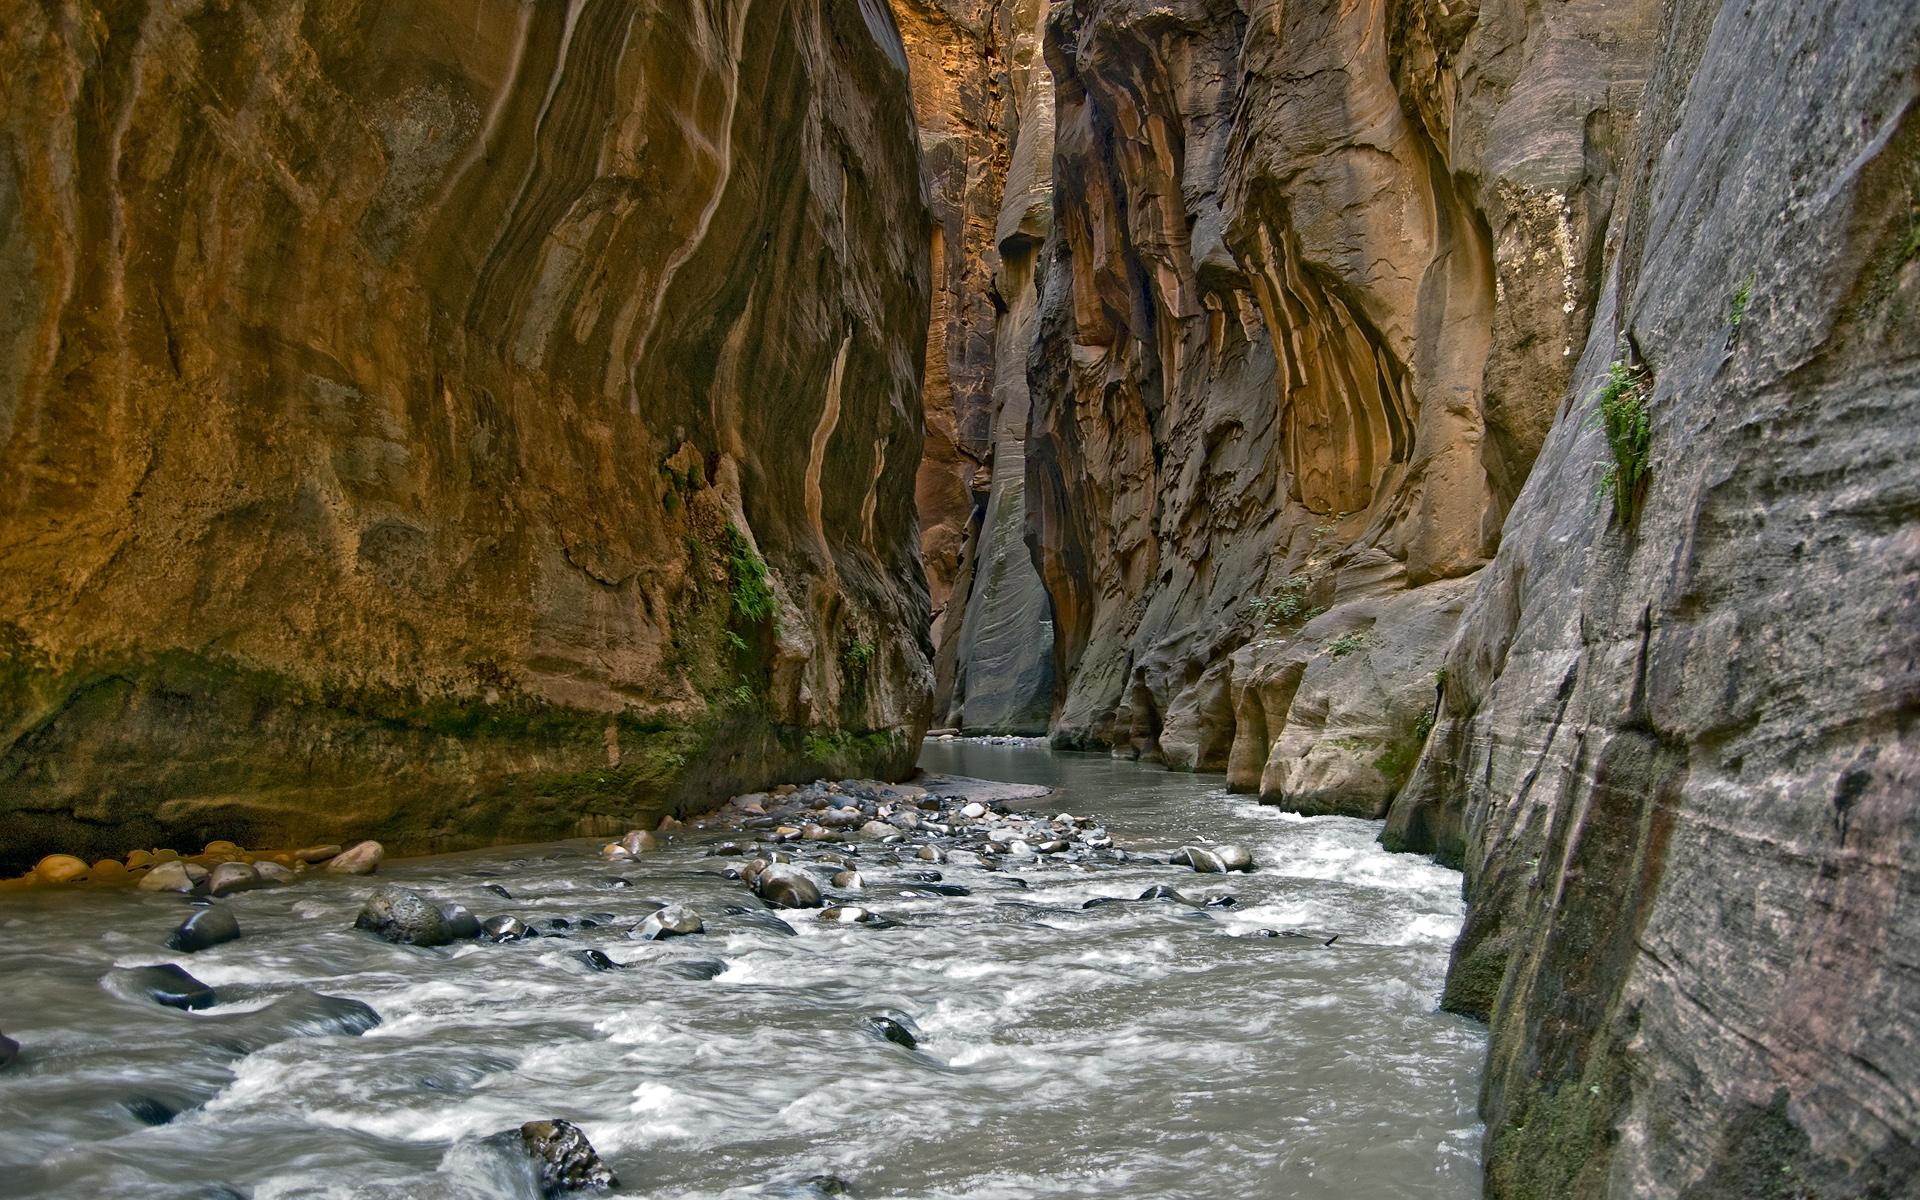 River through rocks wallpapers River through rocks stock photos 1920x1200